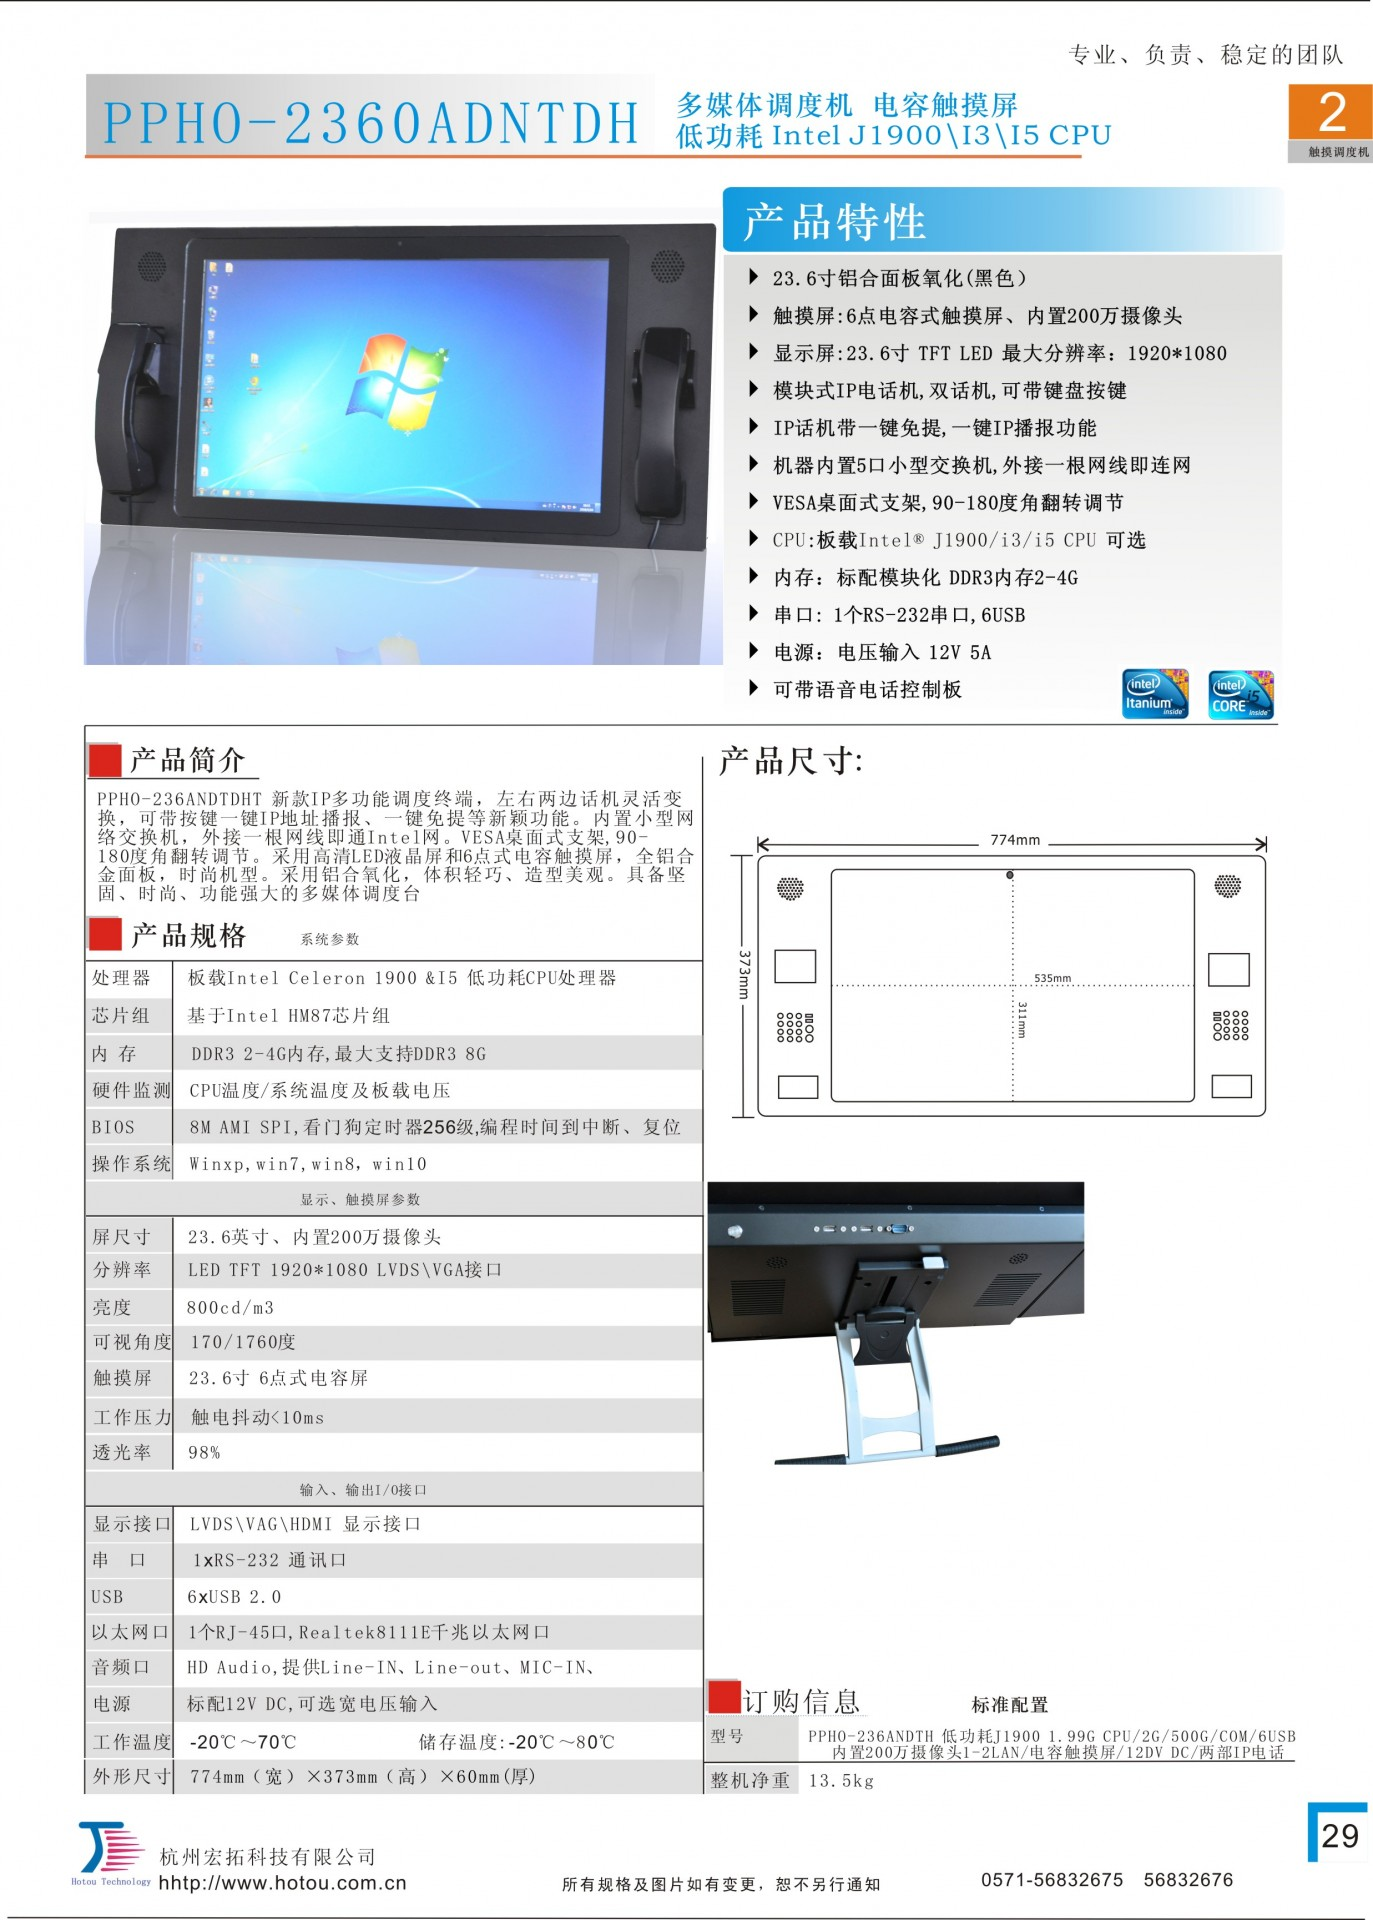 PPH0-236ADNTHDT.jpg